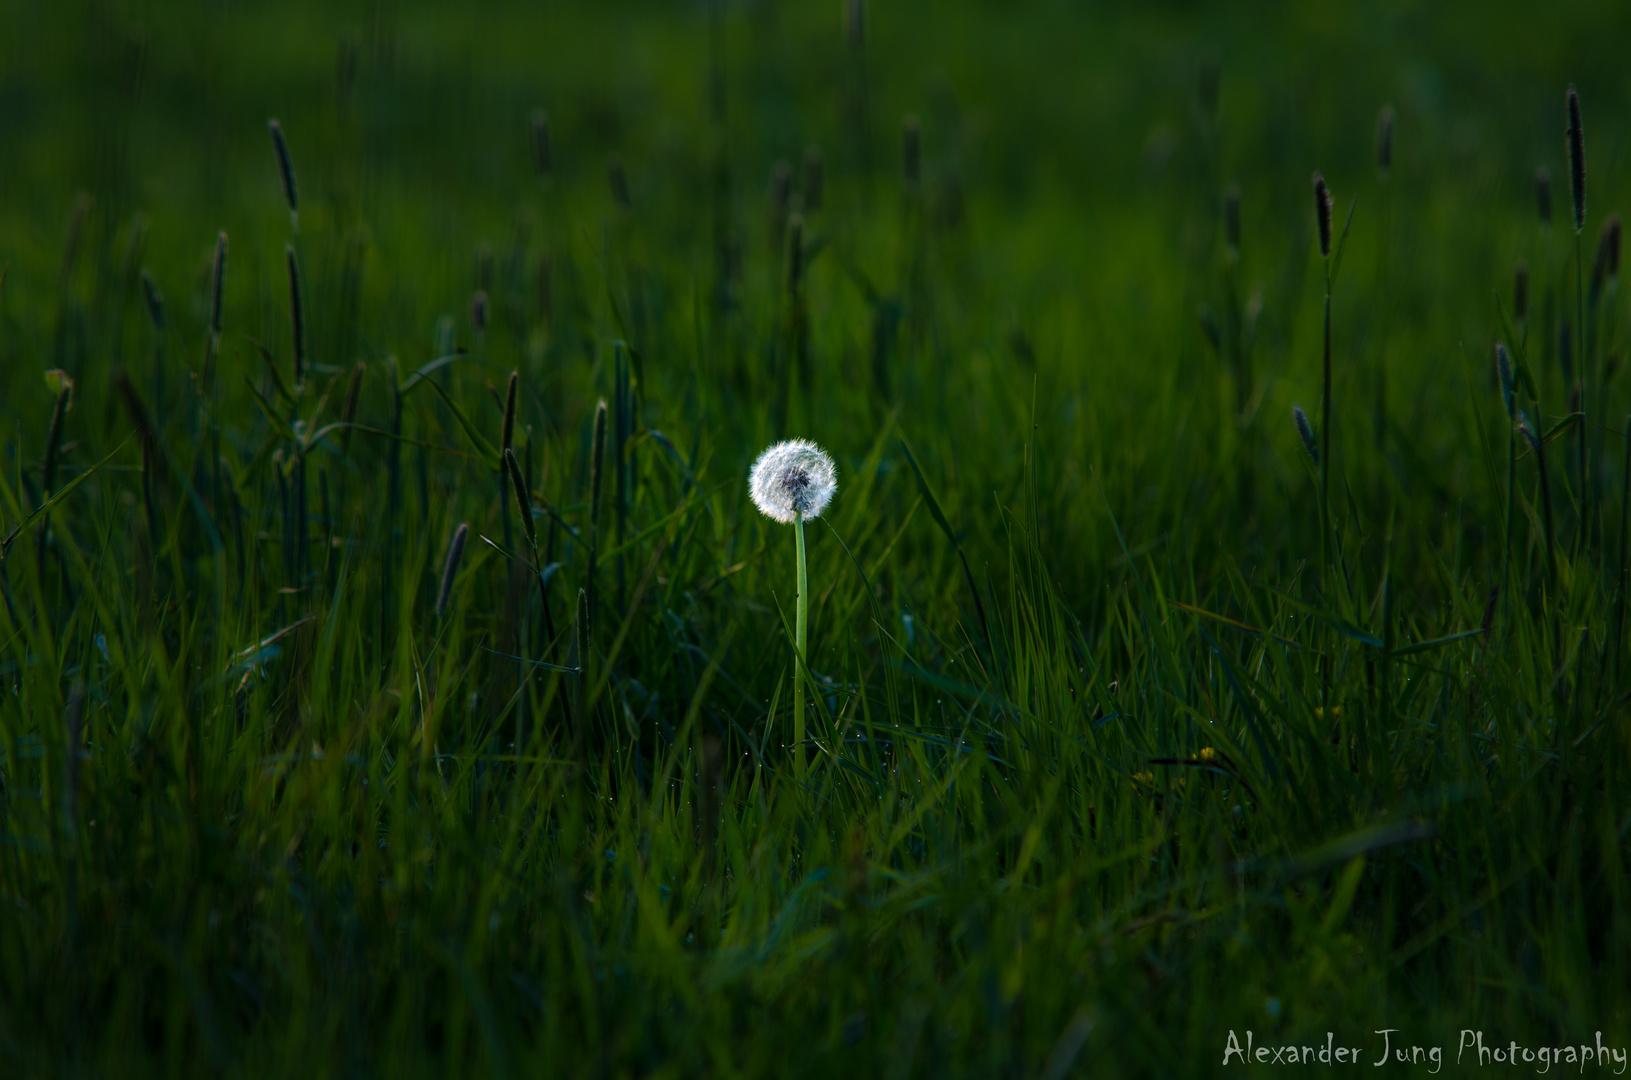 Ein Blümchen wächst im Grase ganz still und stumm...